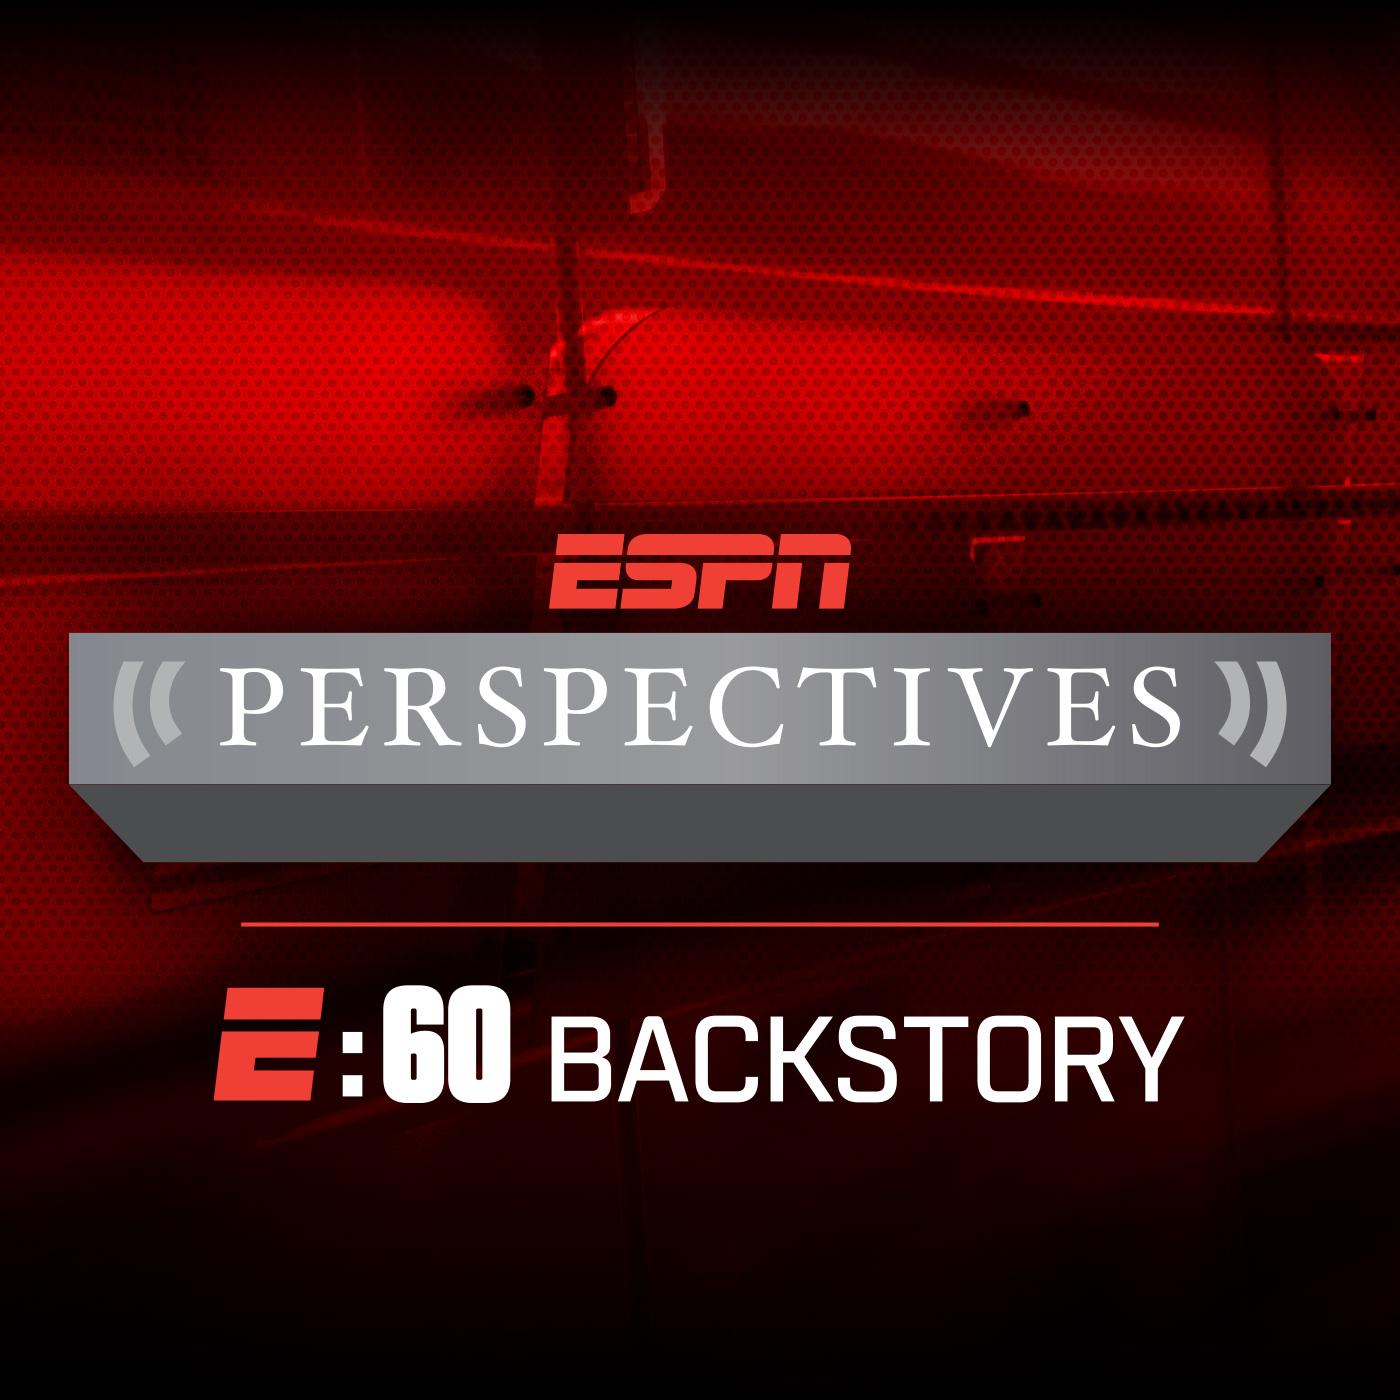 E:60 Backstory